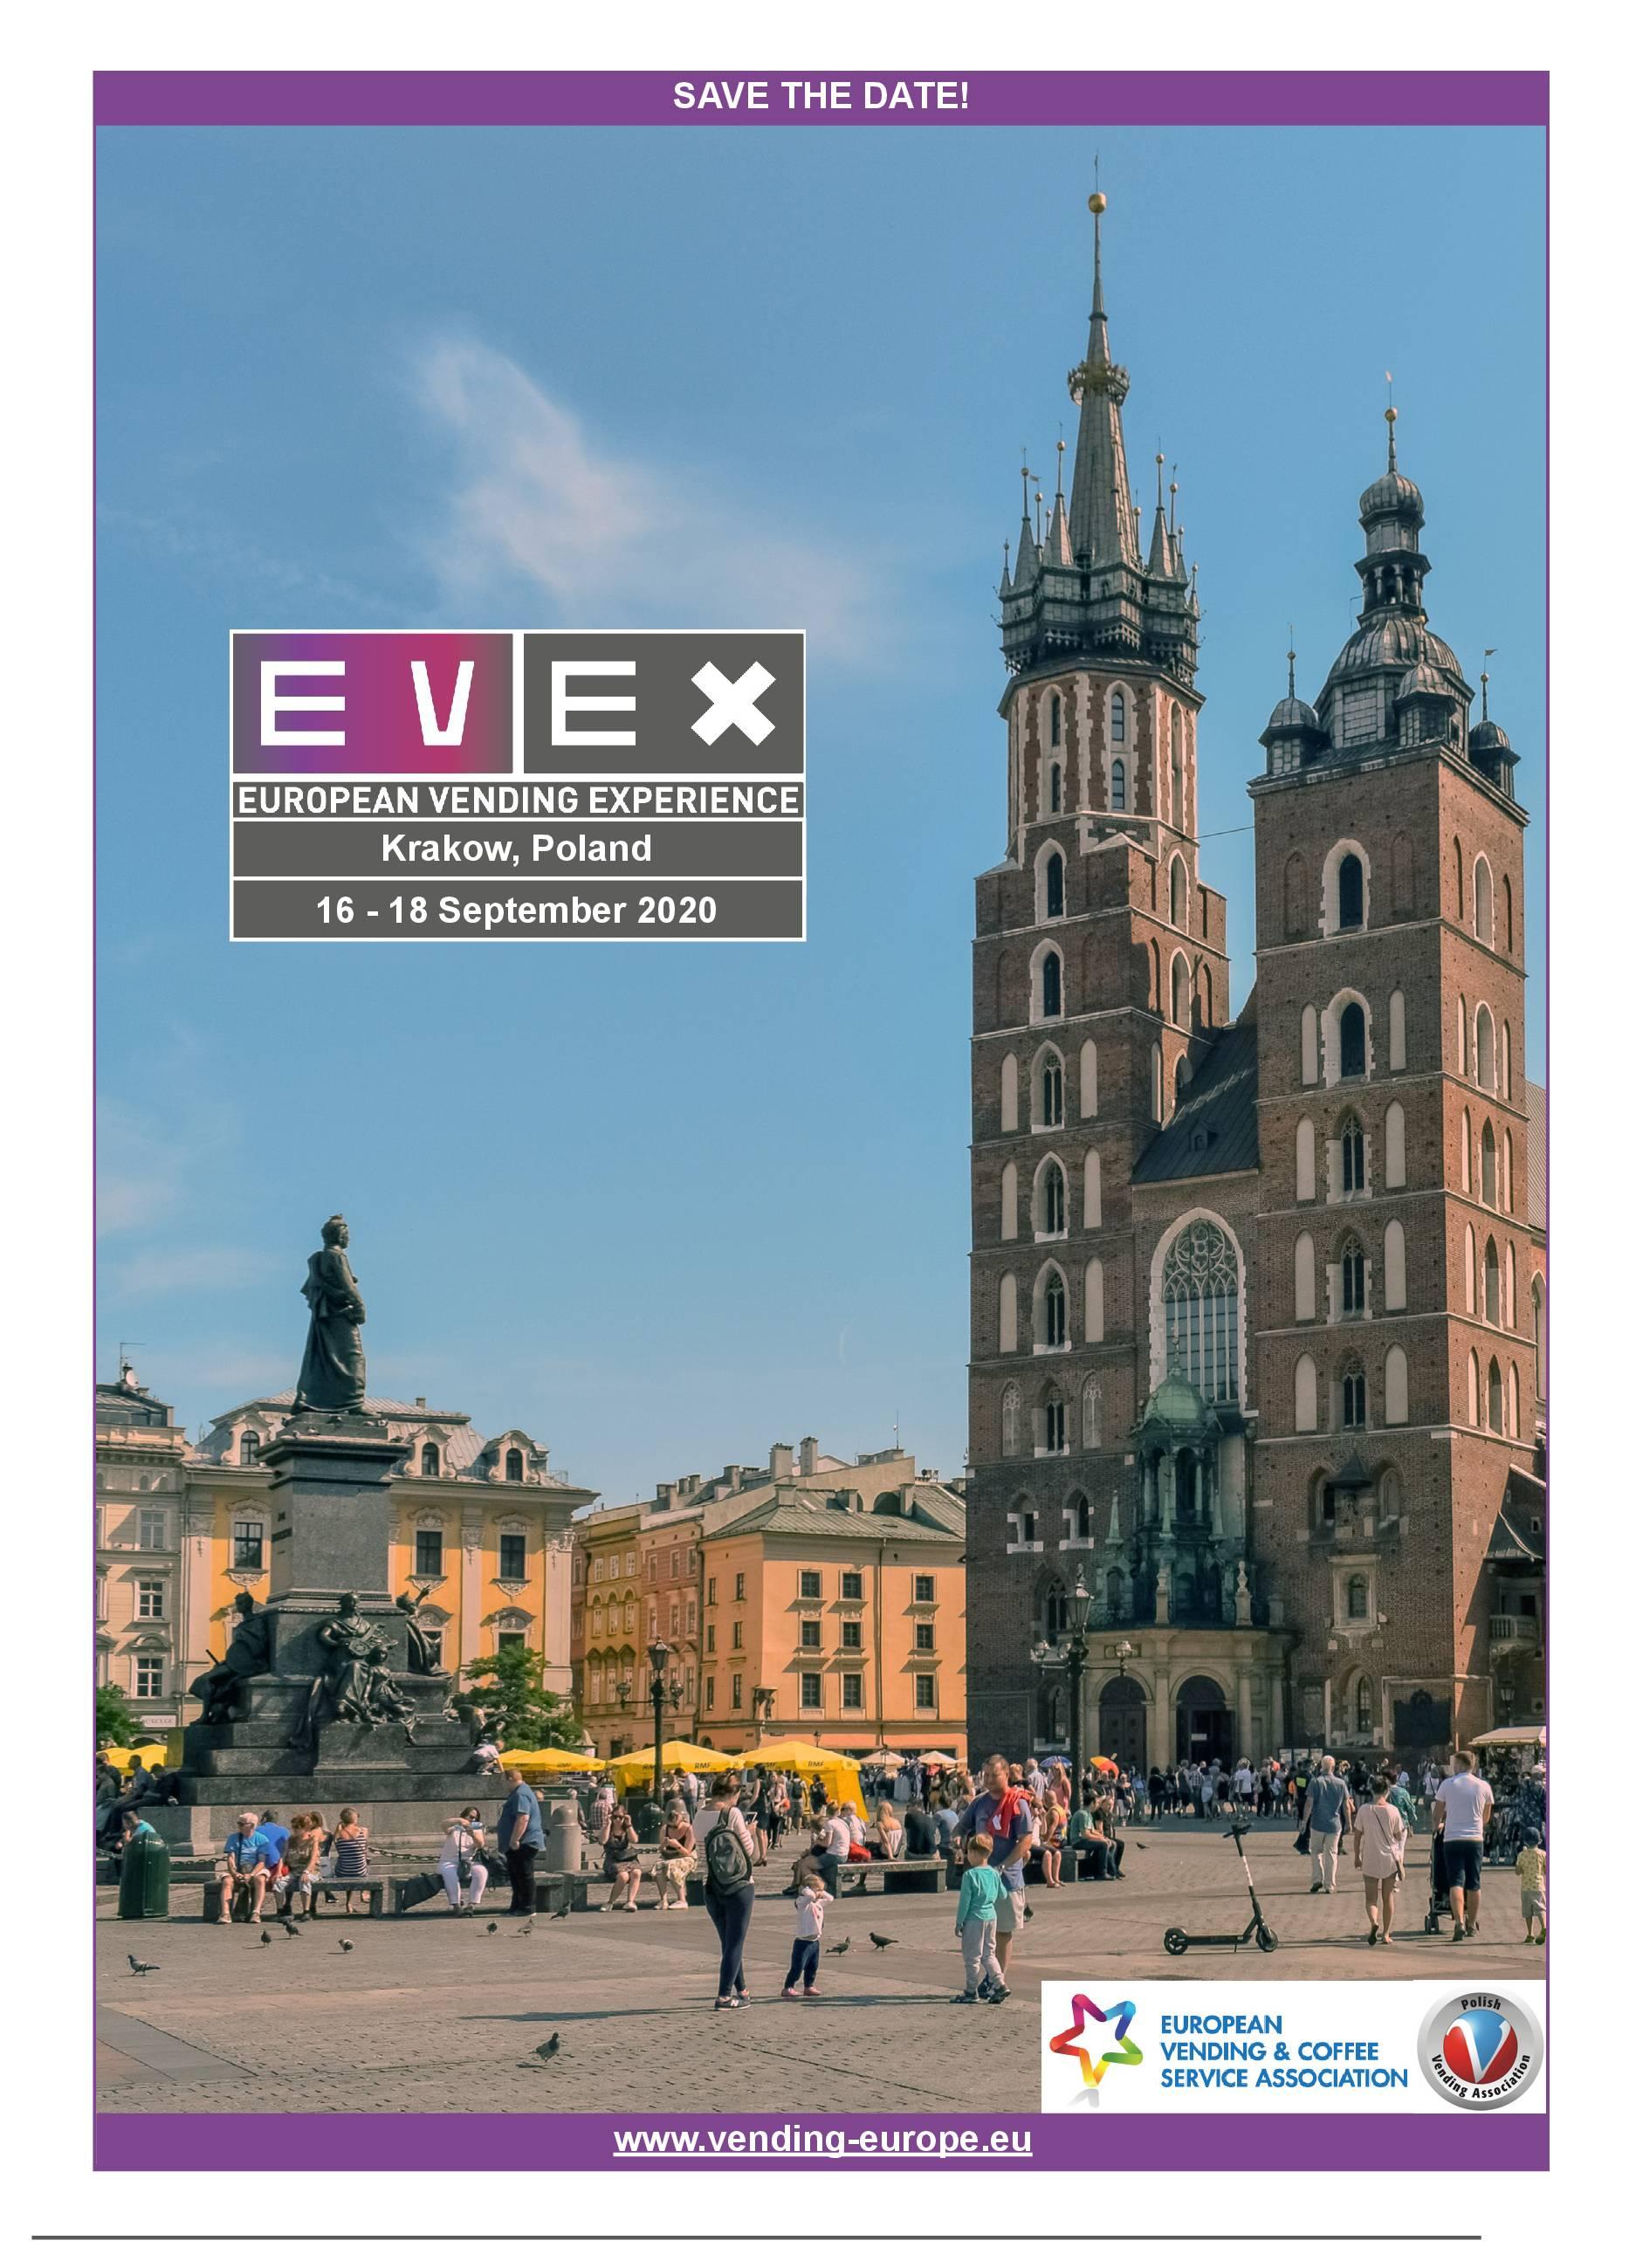 EVEX 2020